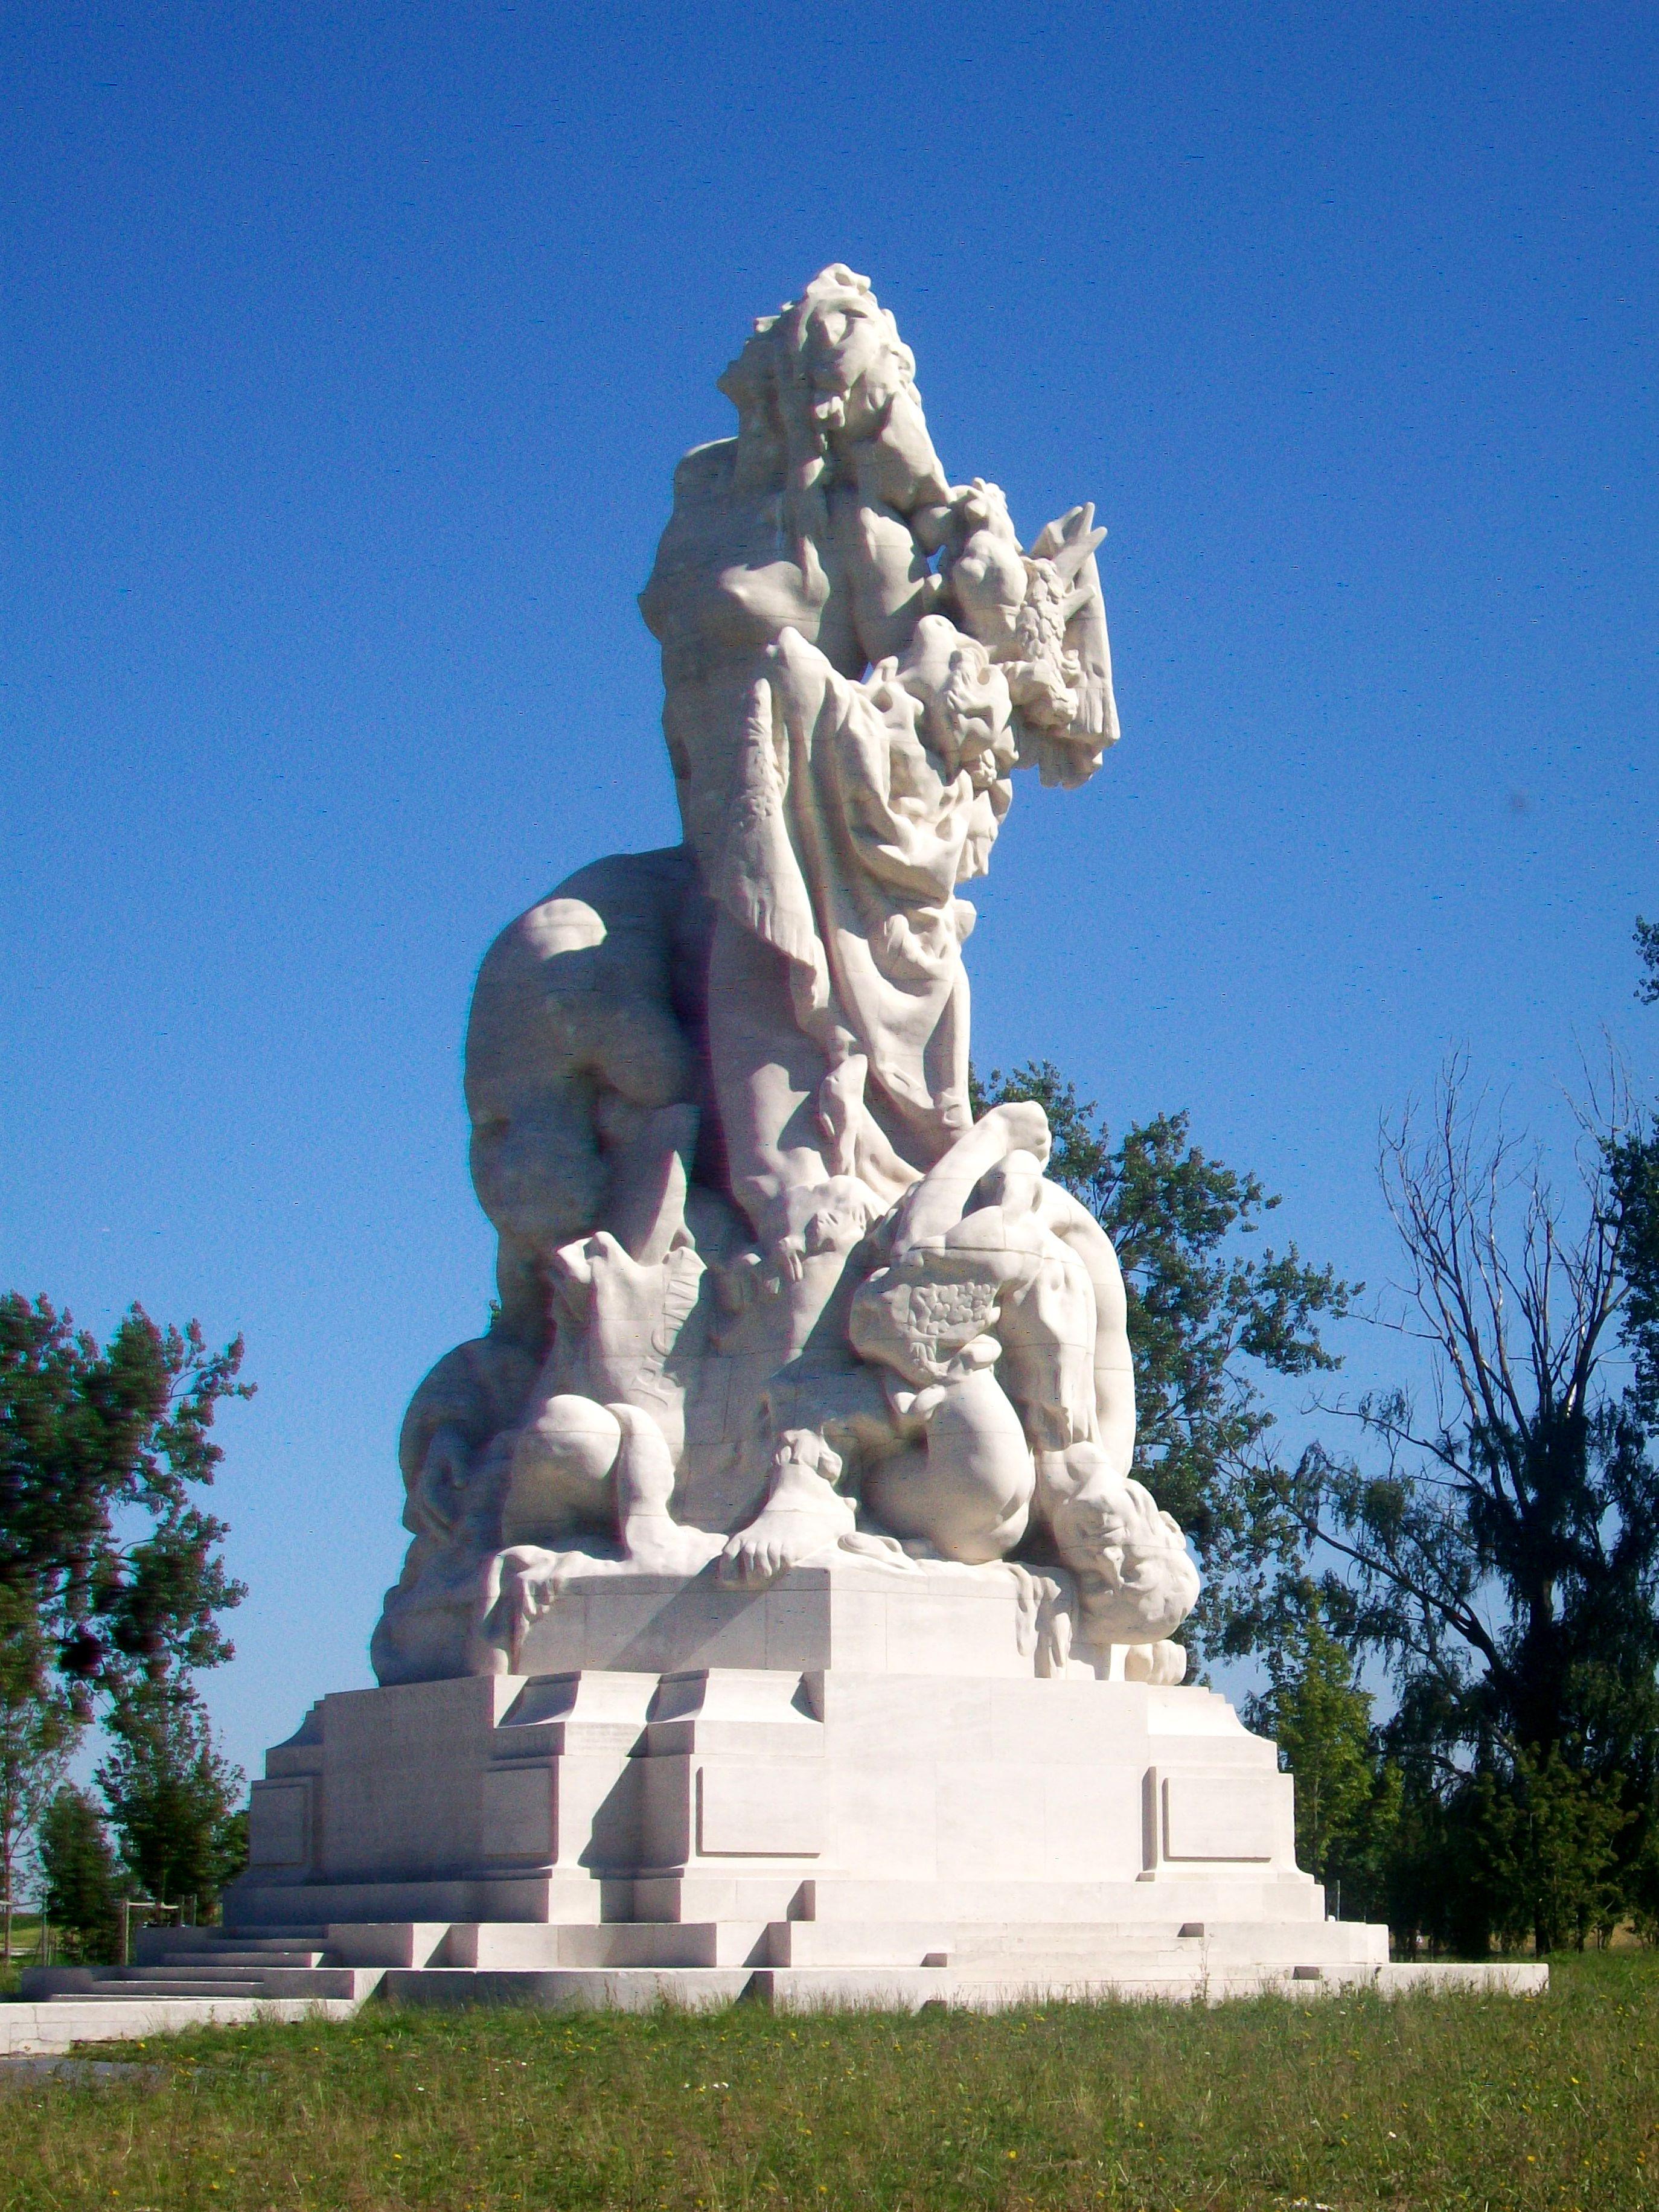 File:Meaux (77), monument de la Liberté éploré (American memorial).jpg - Wikimedia Commons